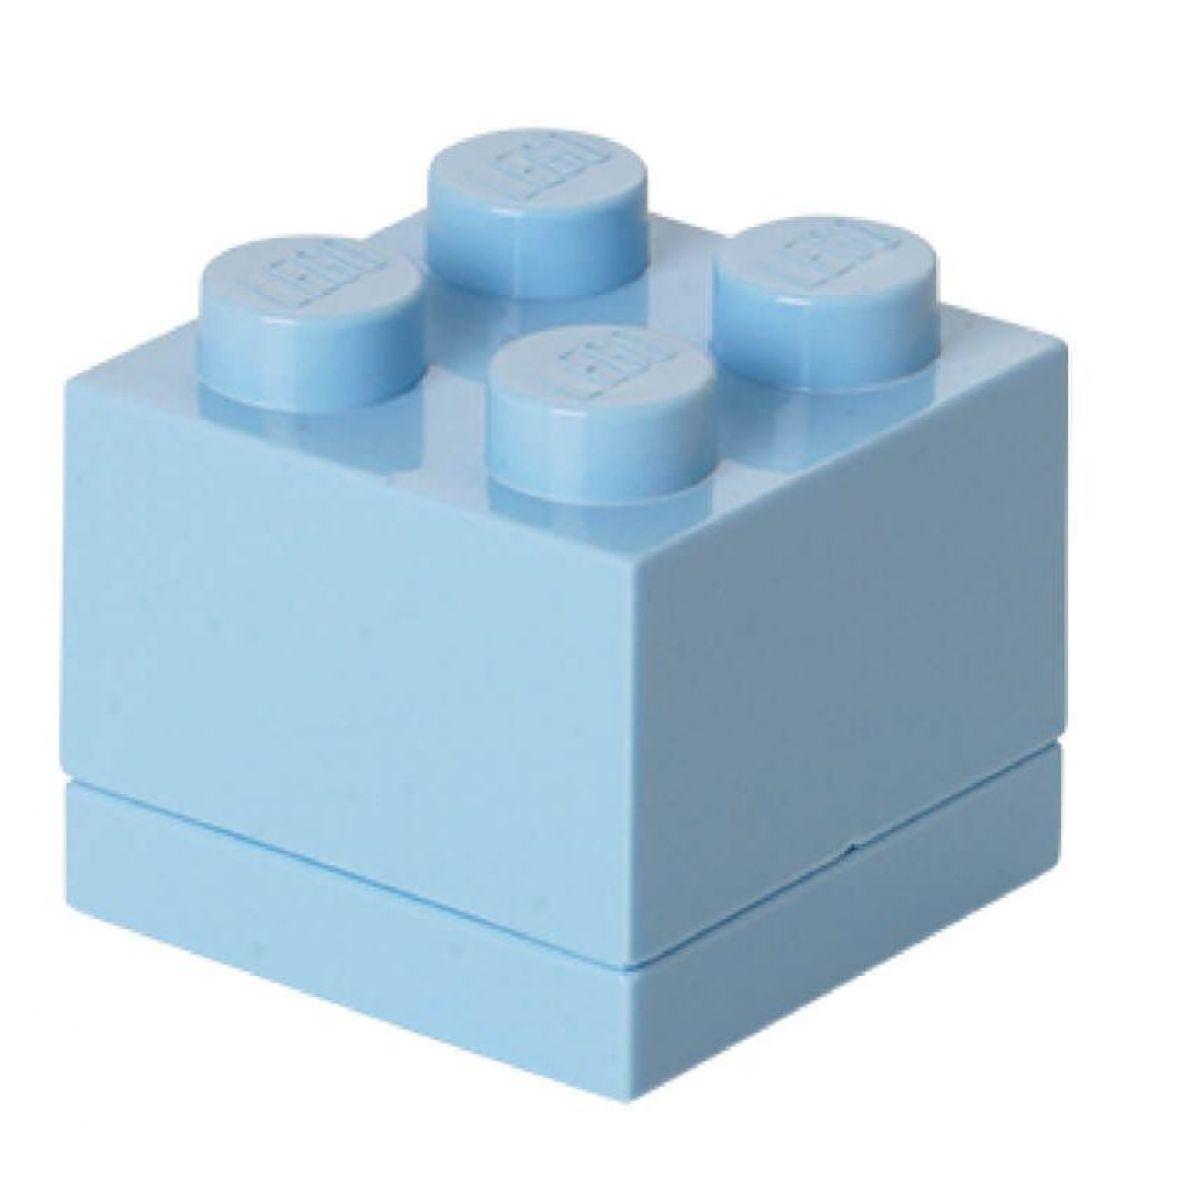 LEGO Mini Box 46 x 46 x 43 mm svetlomodrá